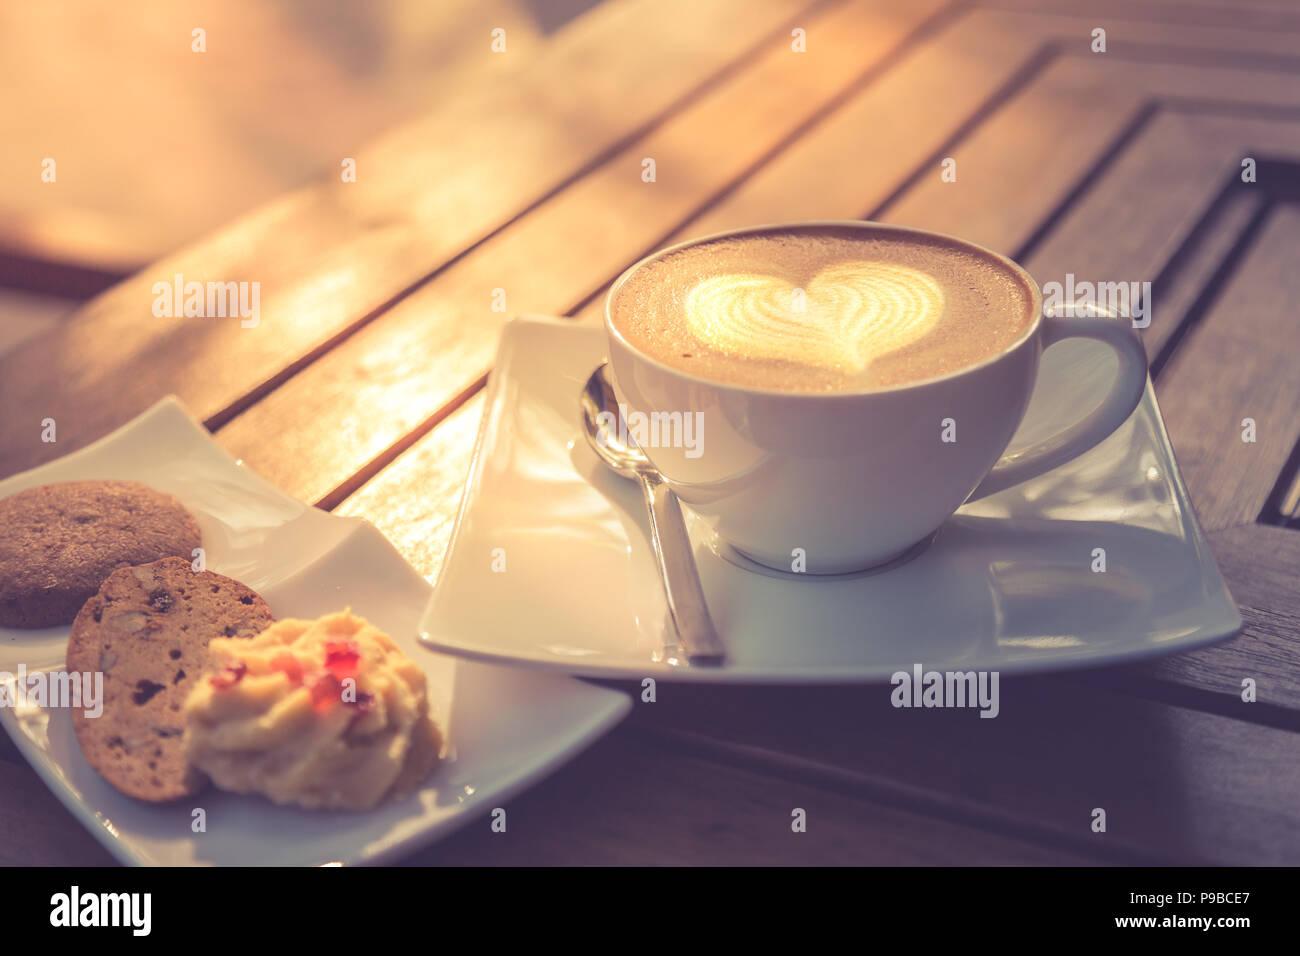 Gustosa cercando latte art caffè il concetto di sfondo, mattina tavolo in legno immagine superiore Immagini Stock